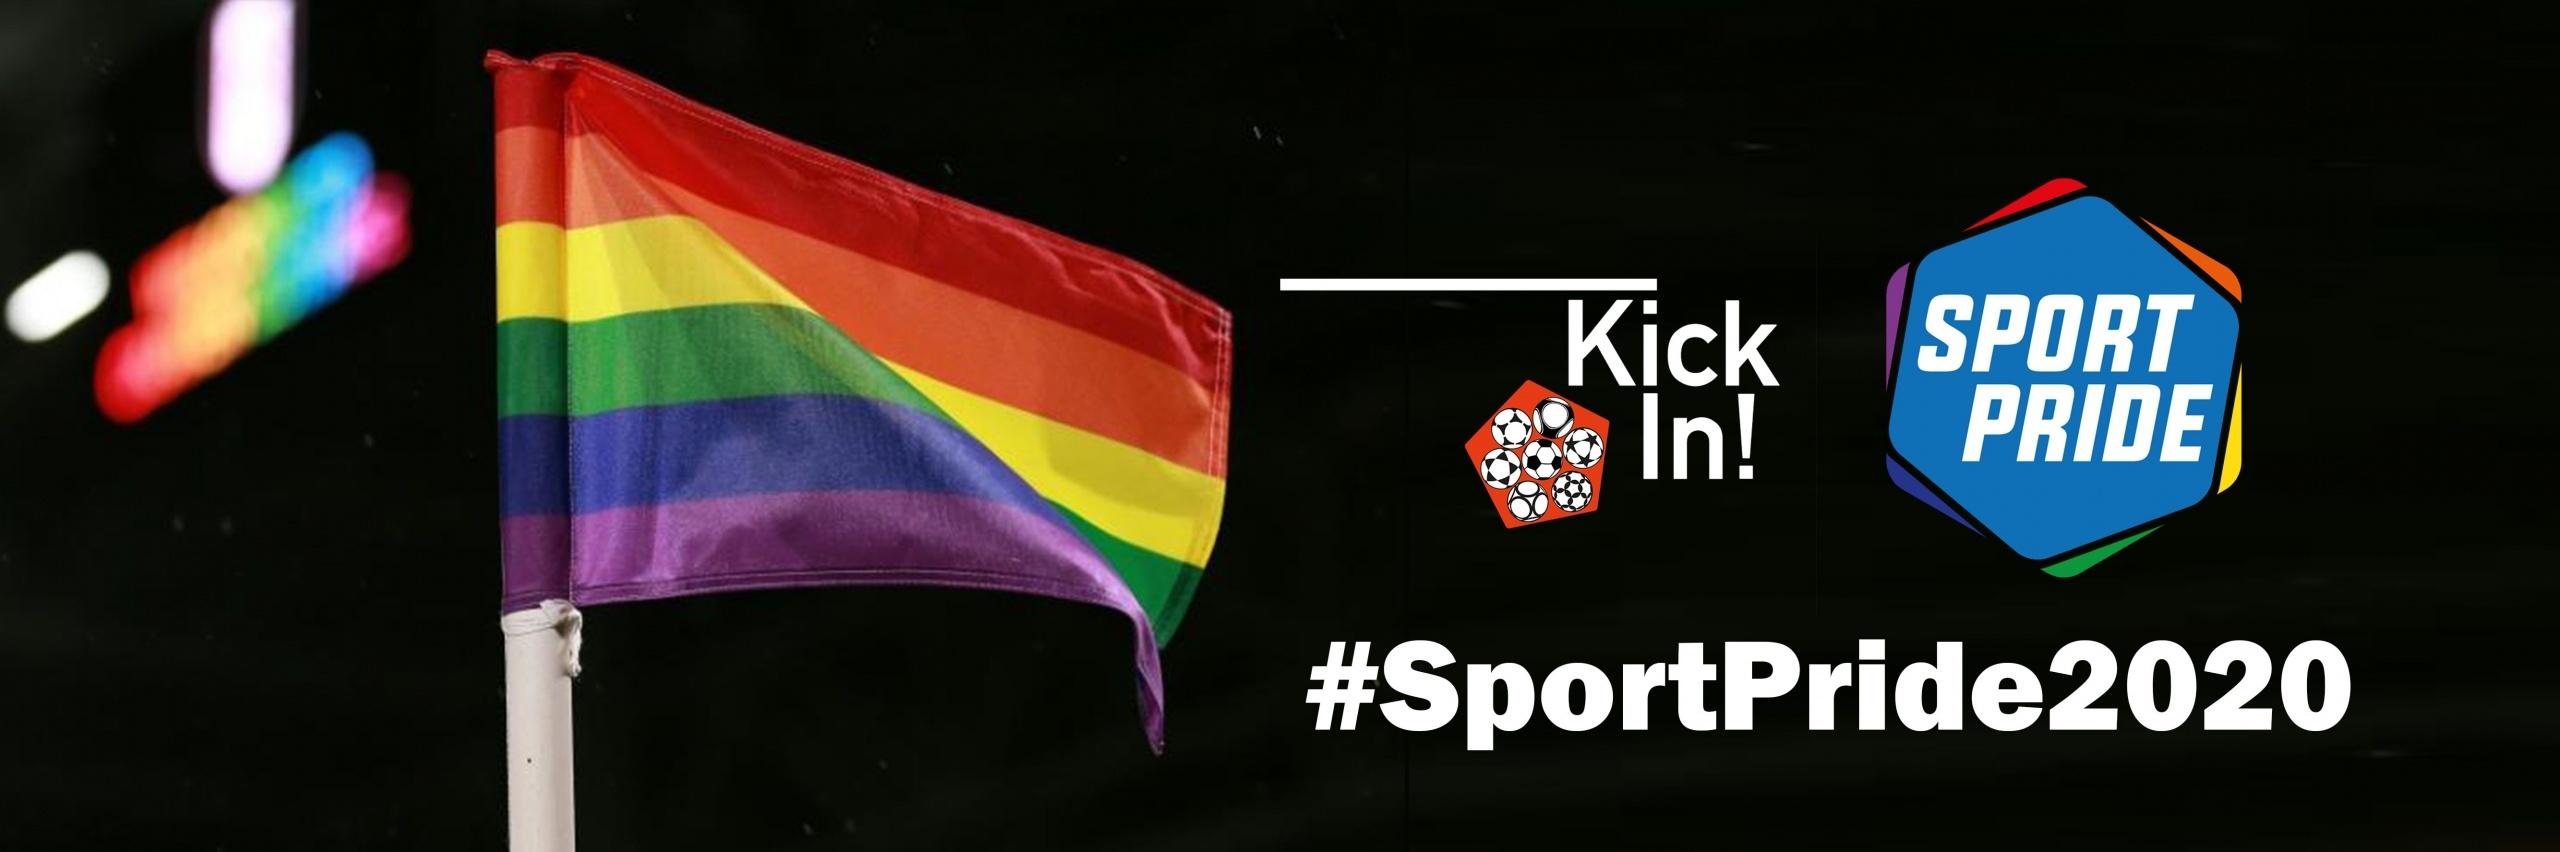 KickIn! unterstützt #SportPride2020